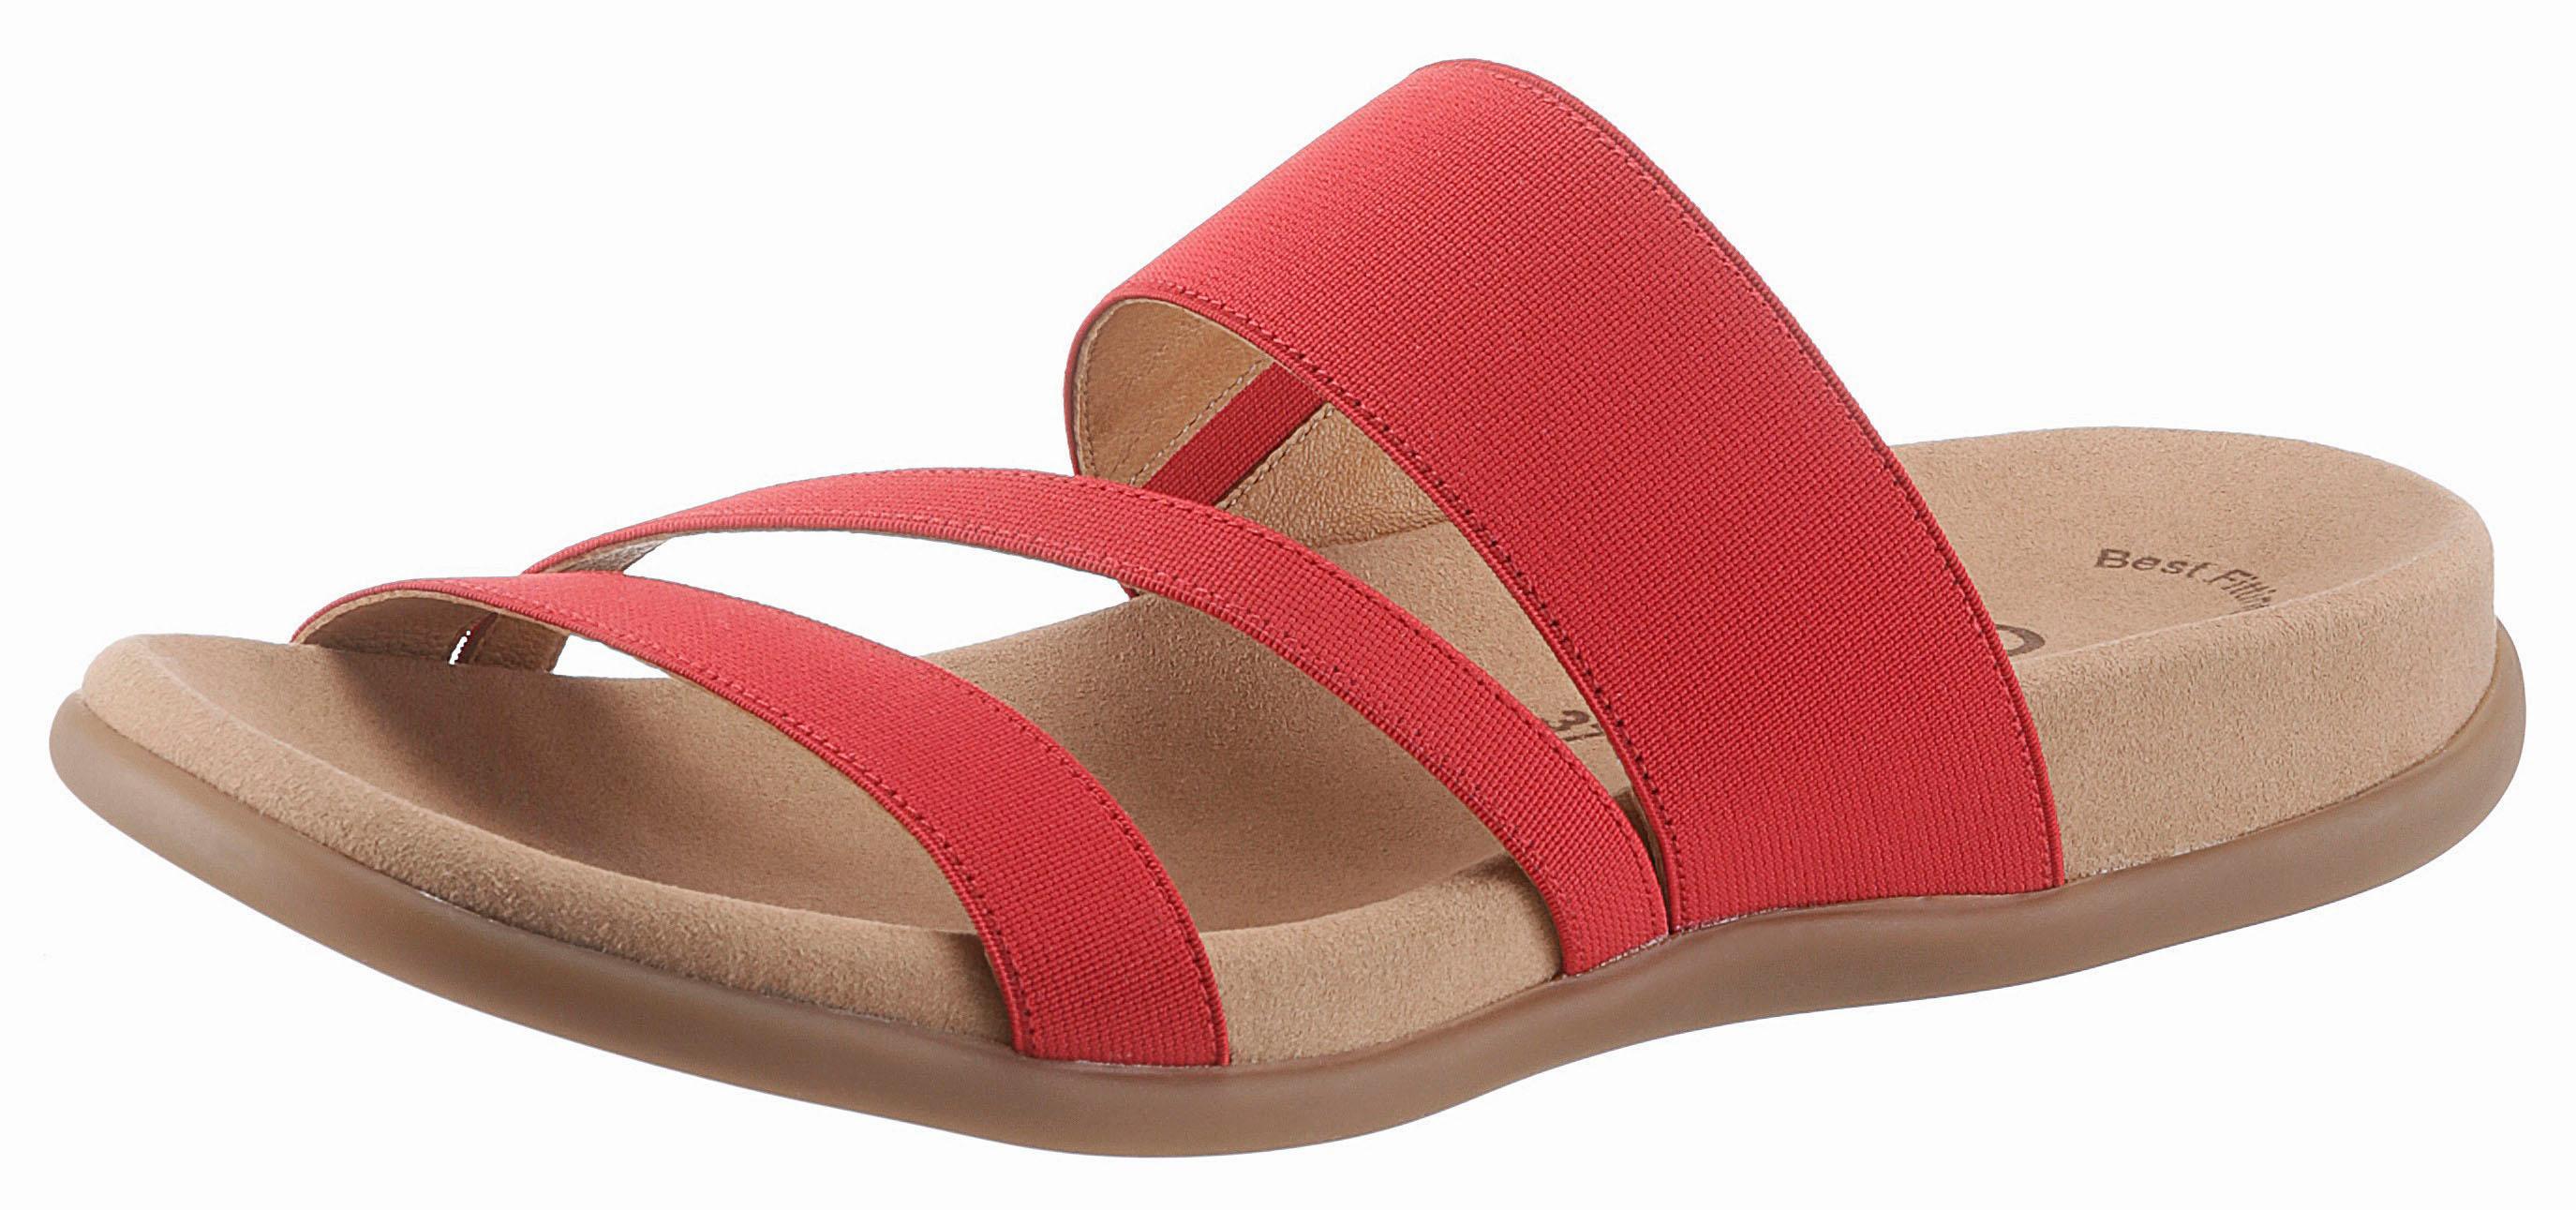 Gabor Comfort: Bekleidung und Accessoires Schuhe, Hosen, Tops